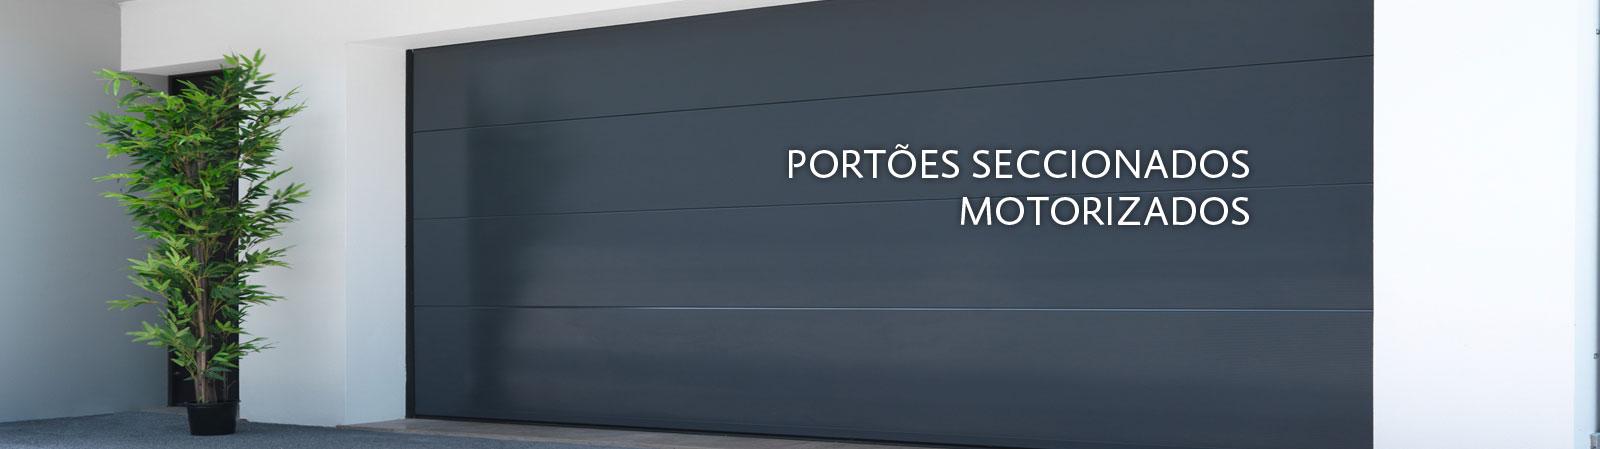 Portões Seccionados Motorizados